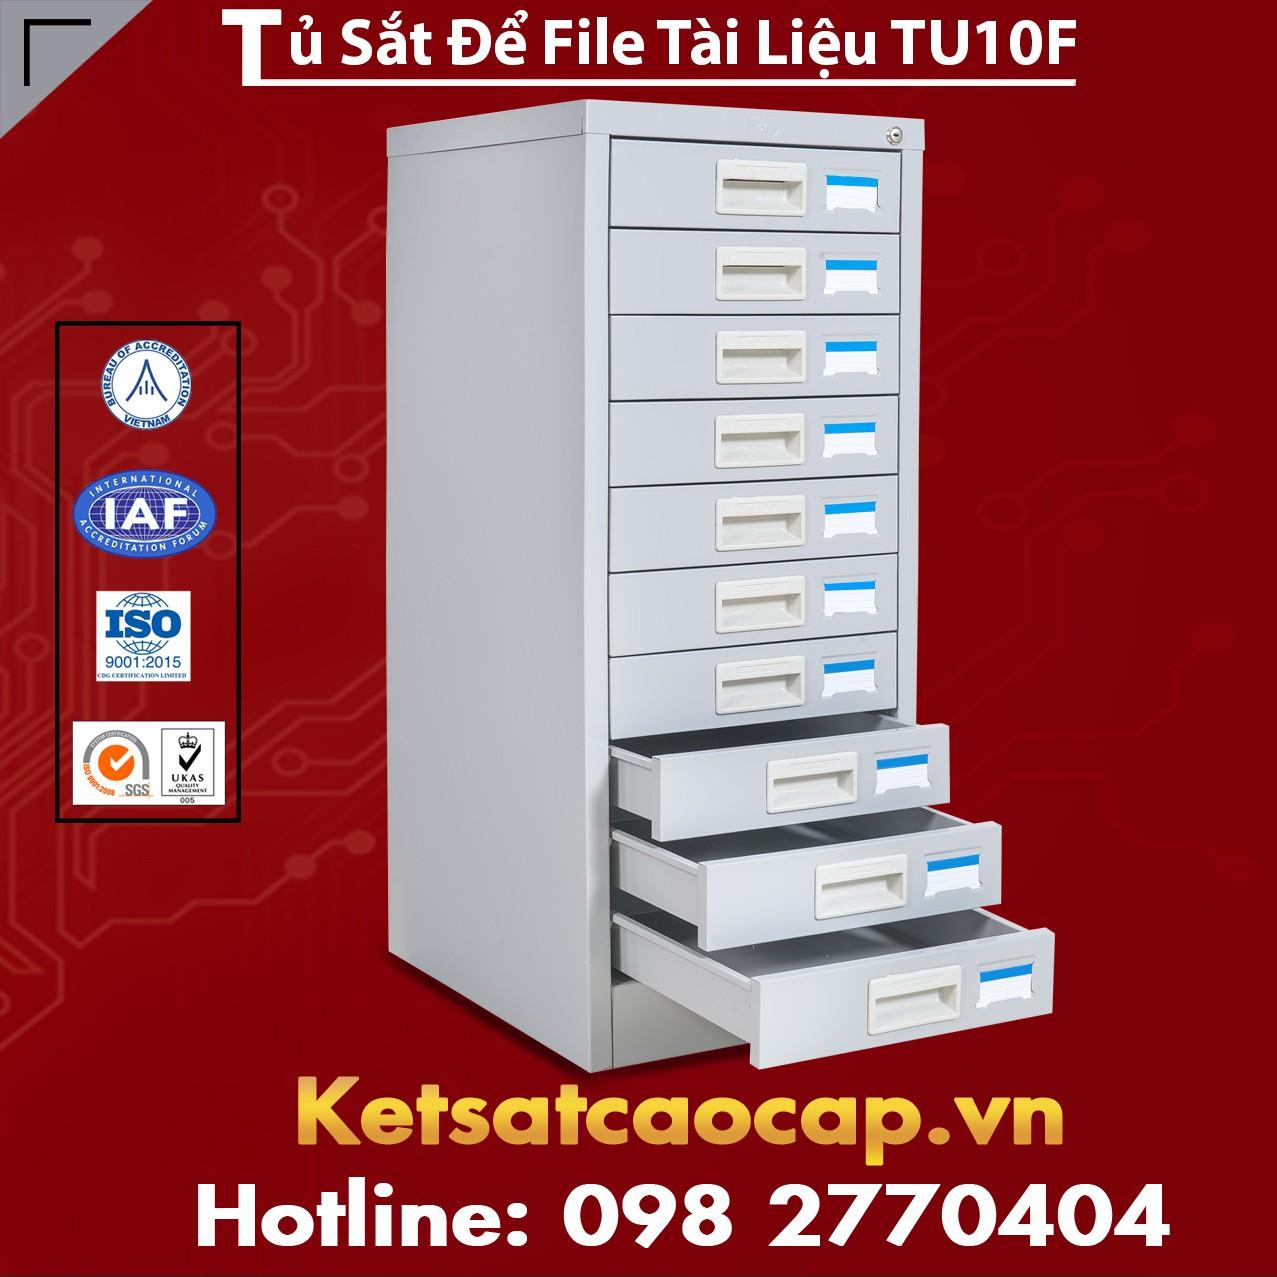 Tủ Sắt Để File Tài Liệu TU10F